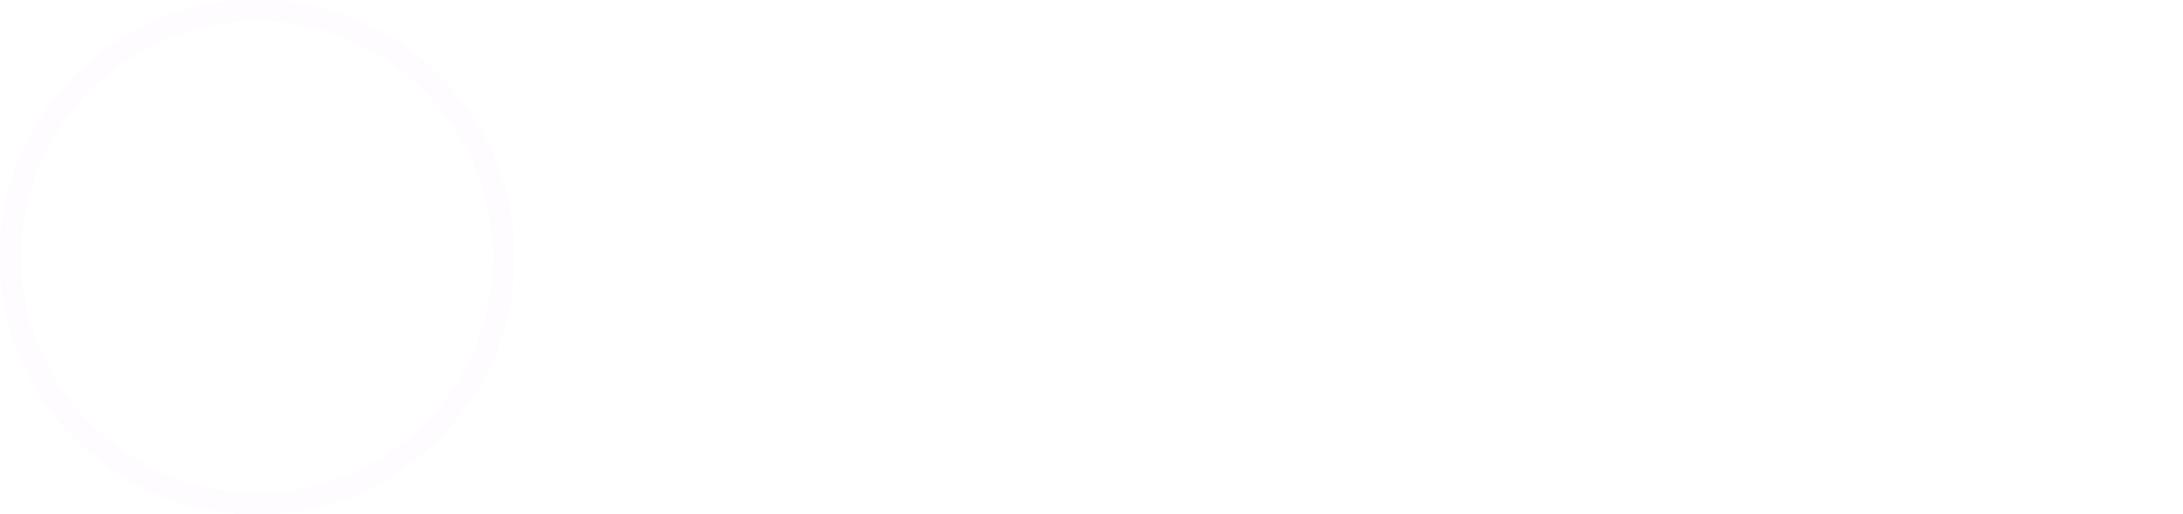 Constantin Preis